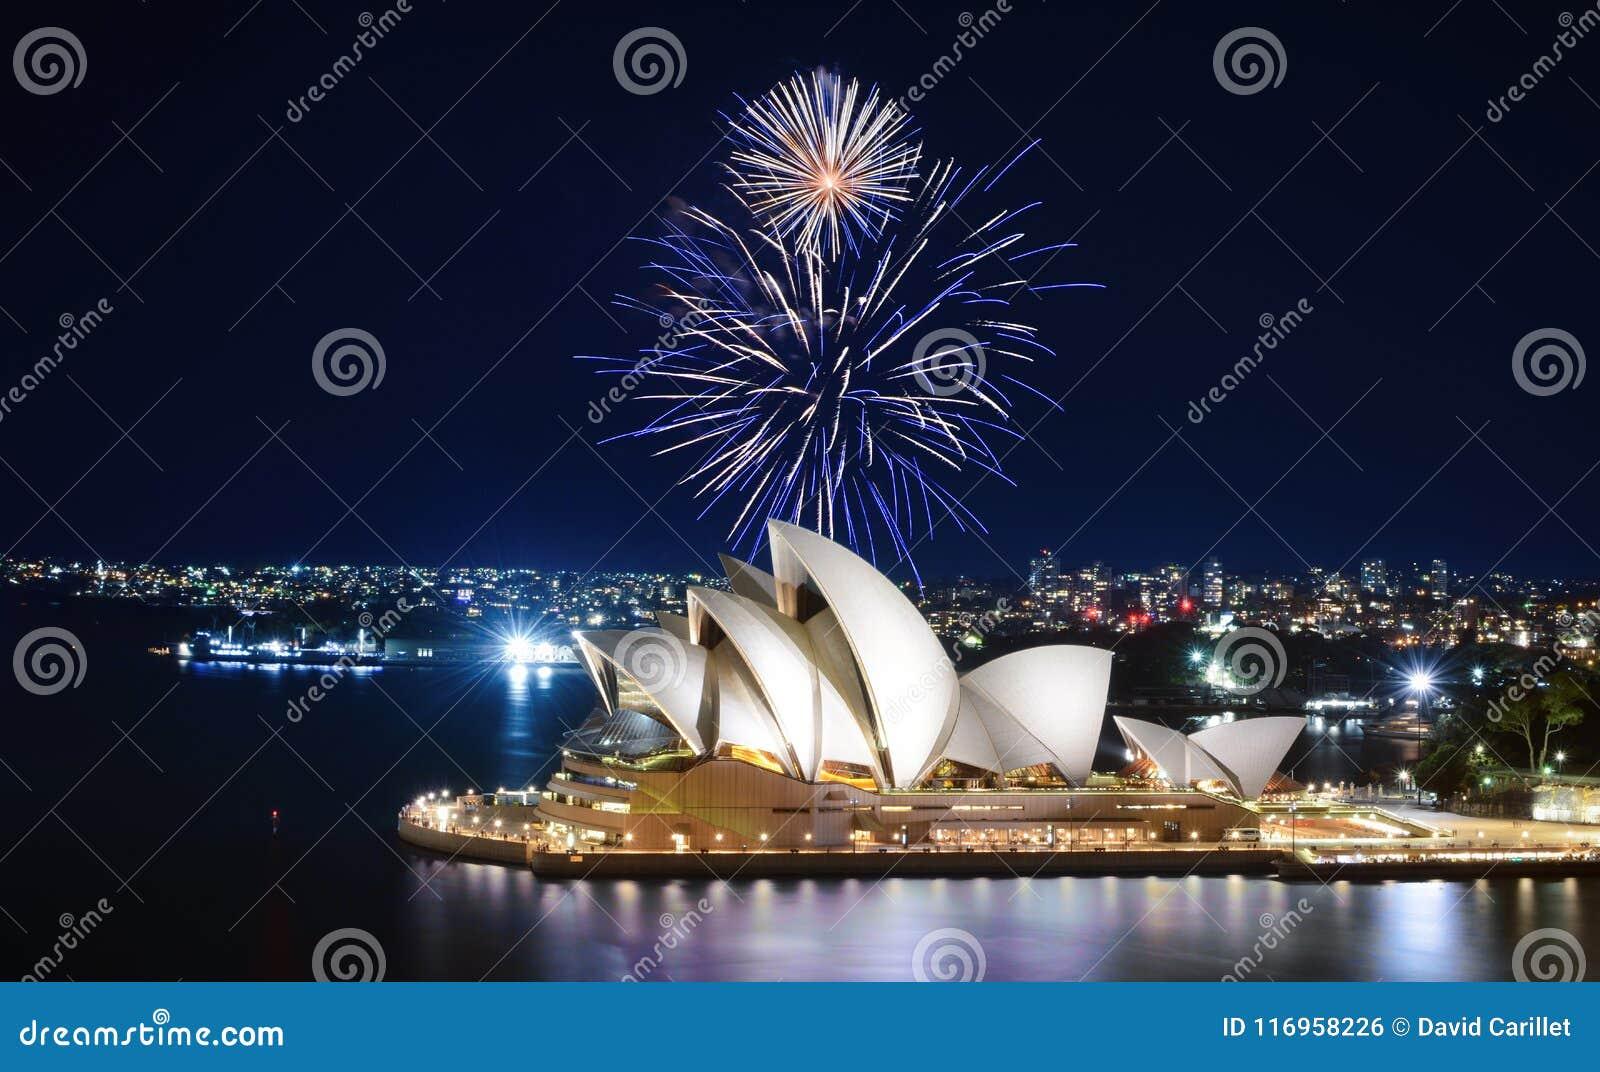 Μια εντυπωσιακή επίδειξη των πυροτεχνημάτων ανάβει επάνω τον ουρανό μπλε και άσπρος πέρα από τη Όπερα του Σίδνεϊ